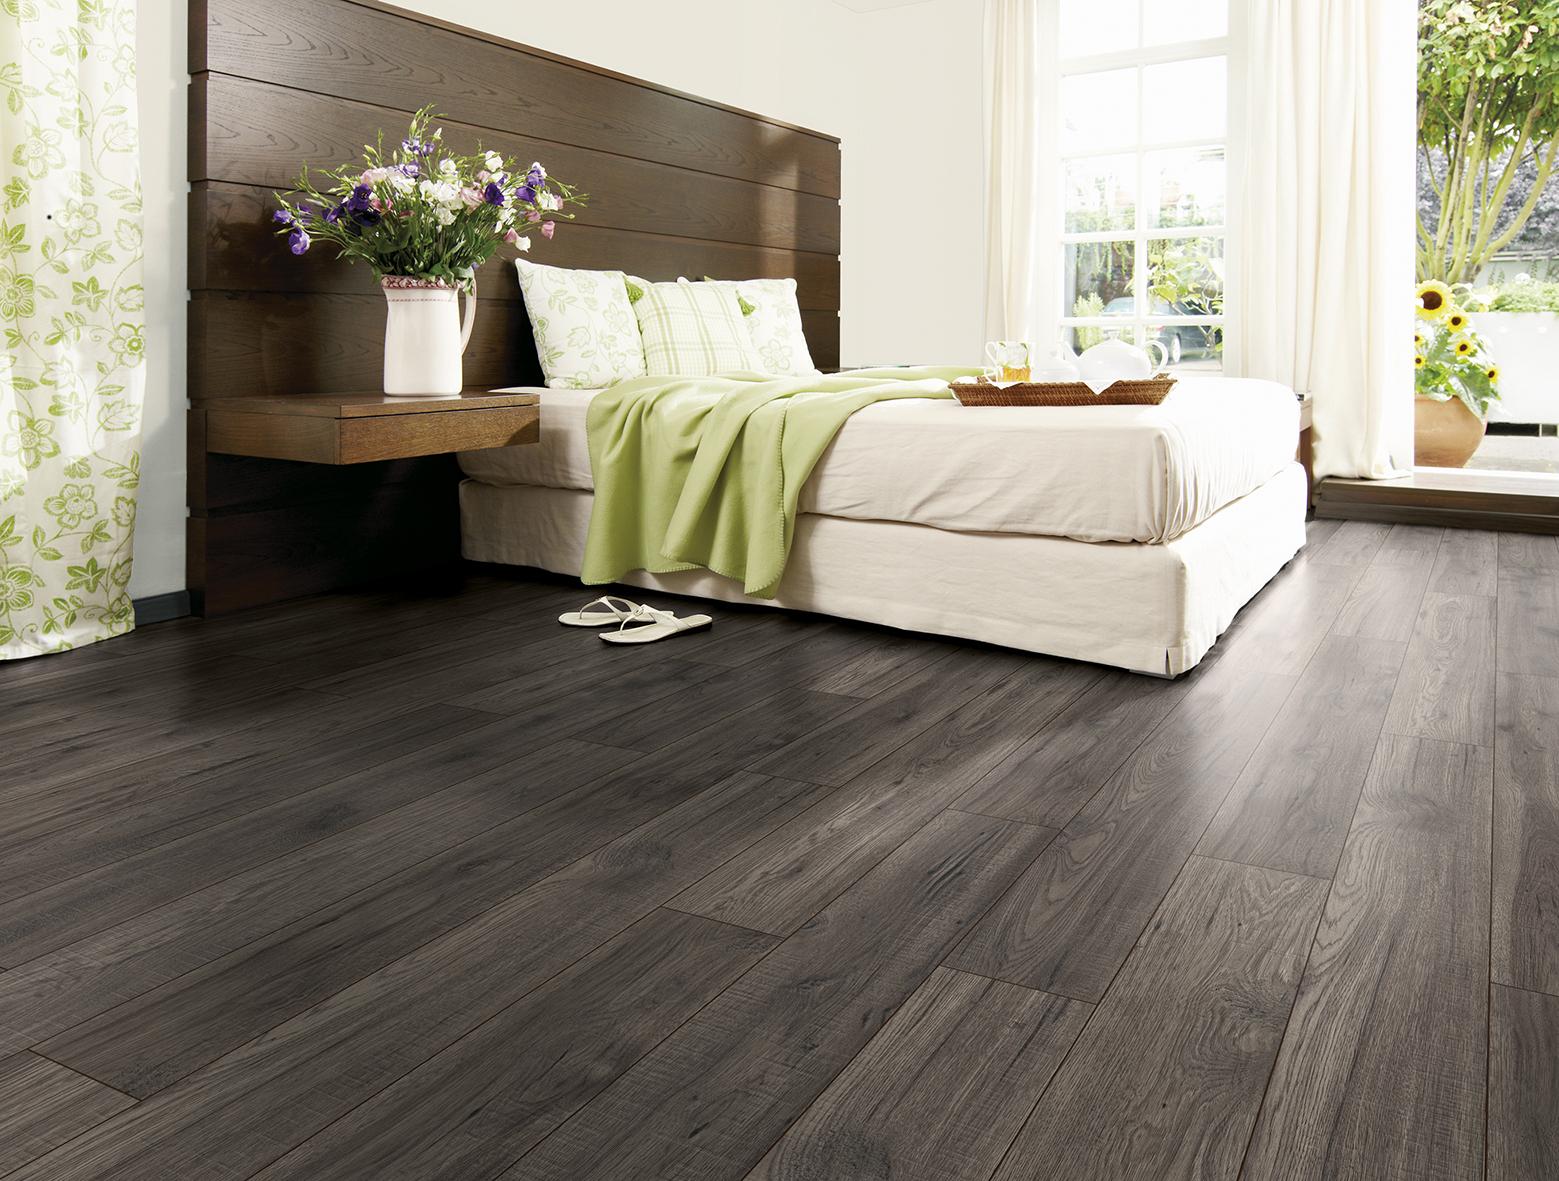 Formica Flooring_Modena Oak interiors addict